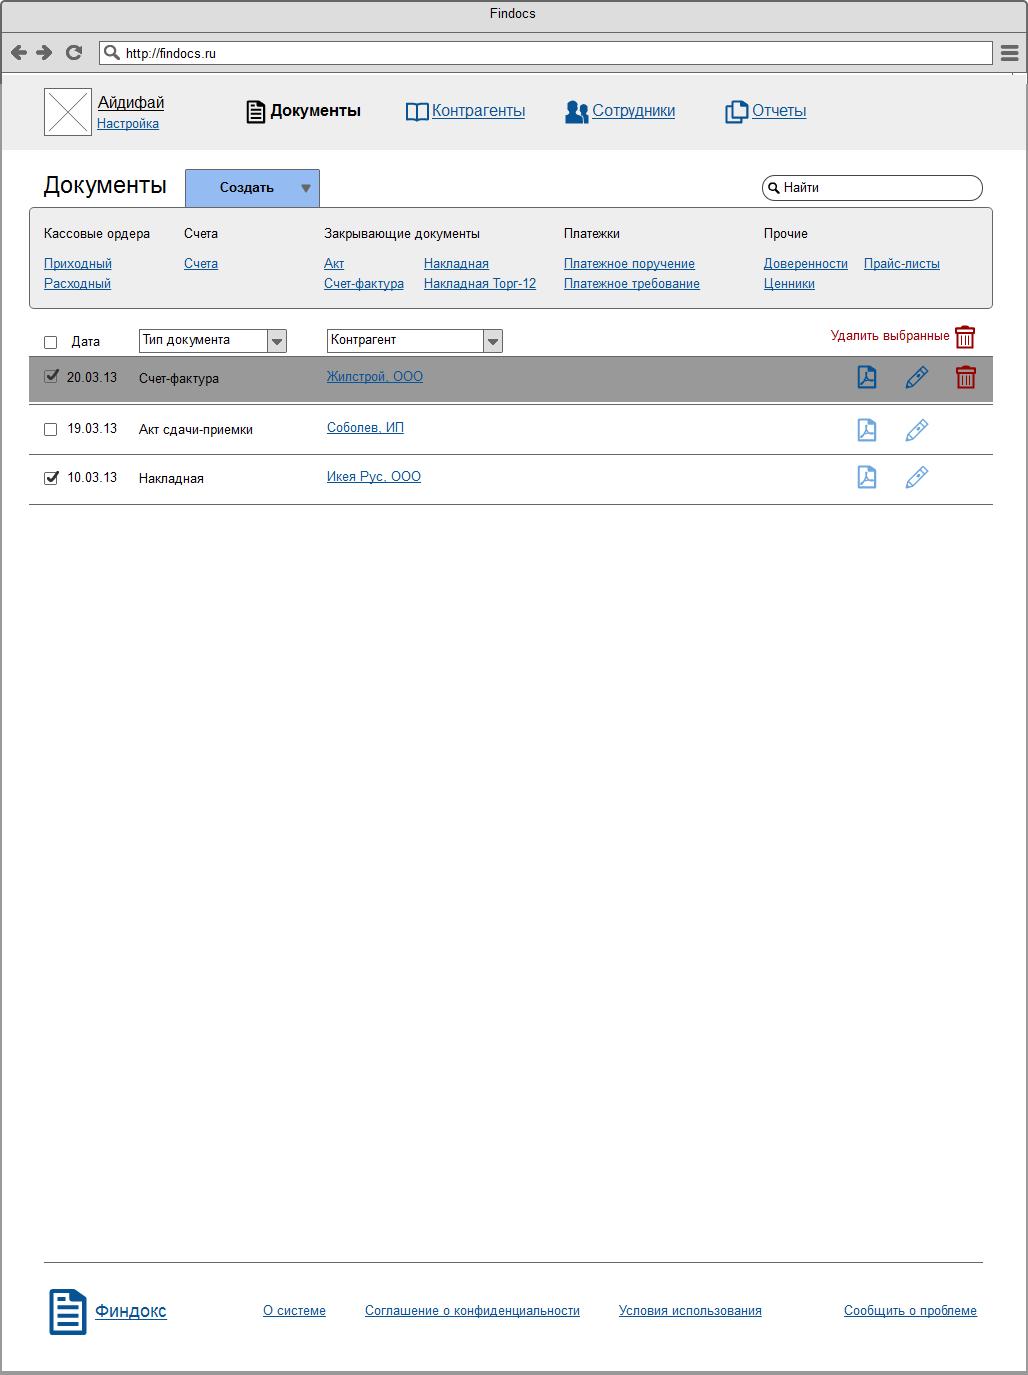 Прототипы сайта «Финдокс» Сайт Артура Нецветаева — сайты, приложения, прототипы и оформление интерфейсов documents list menu opened